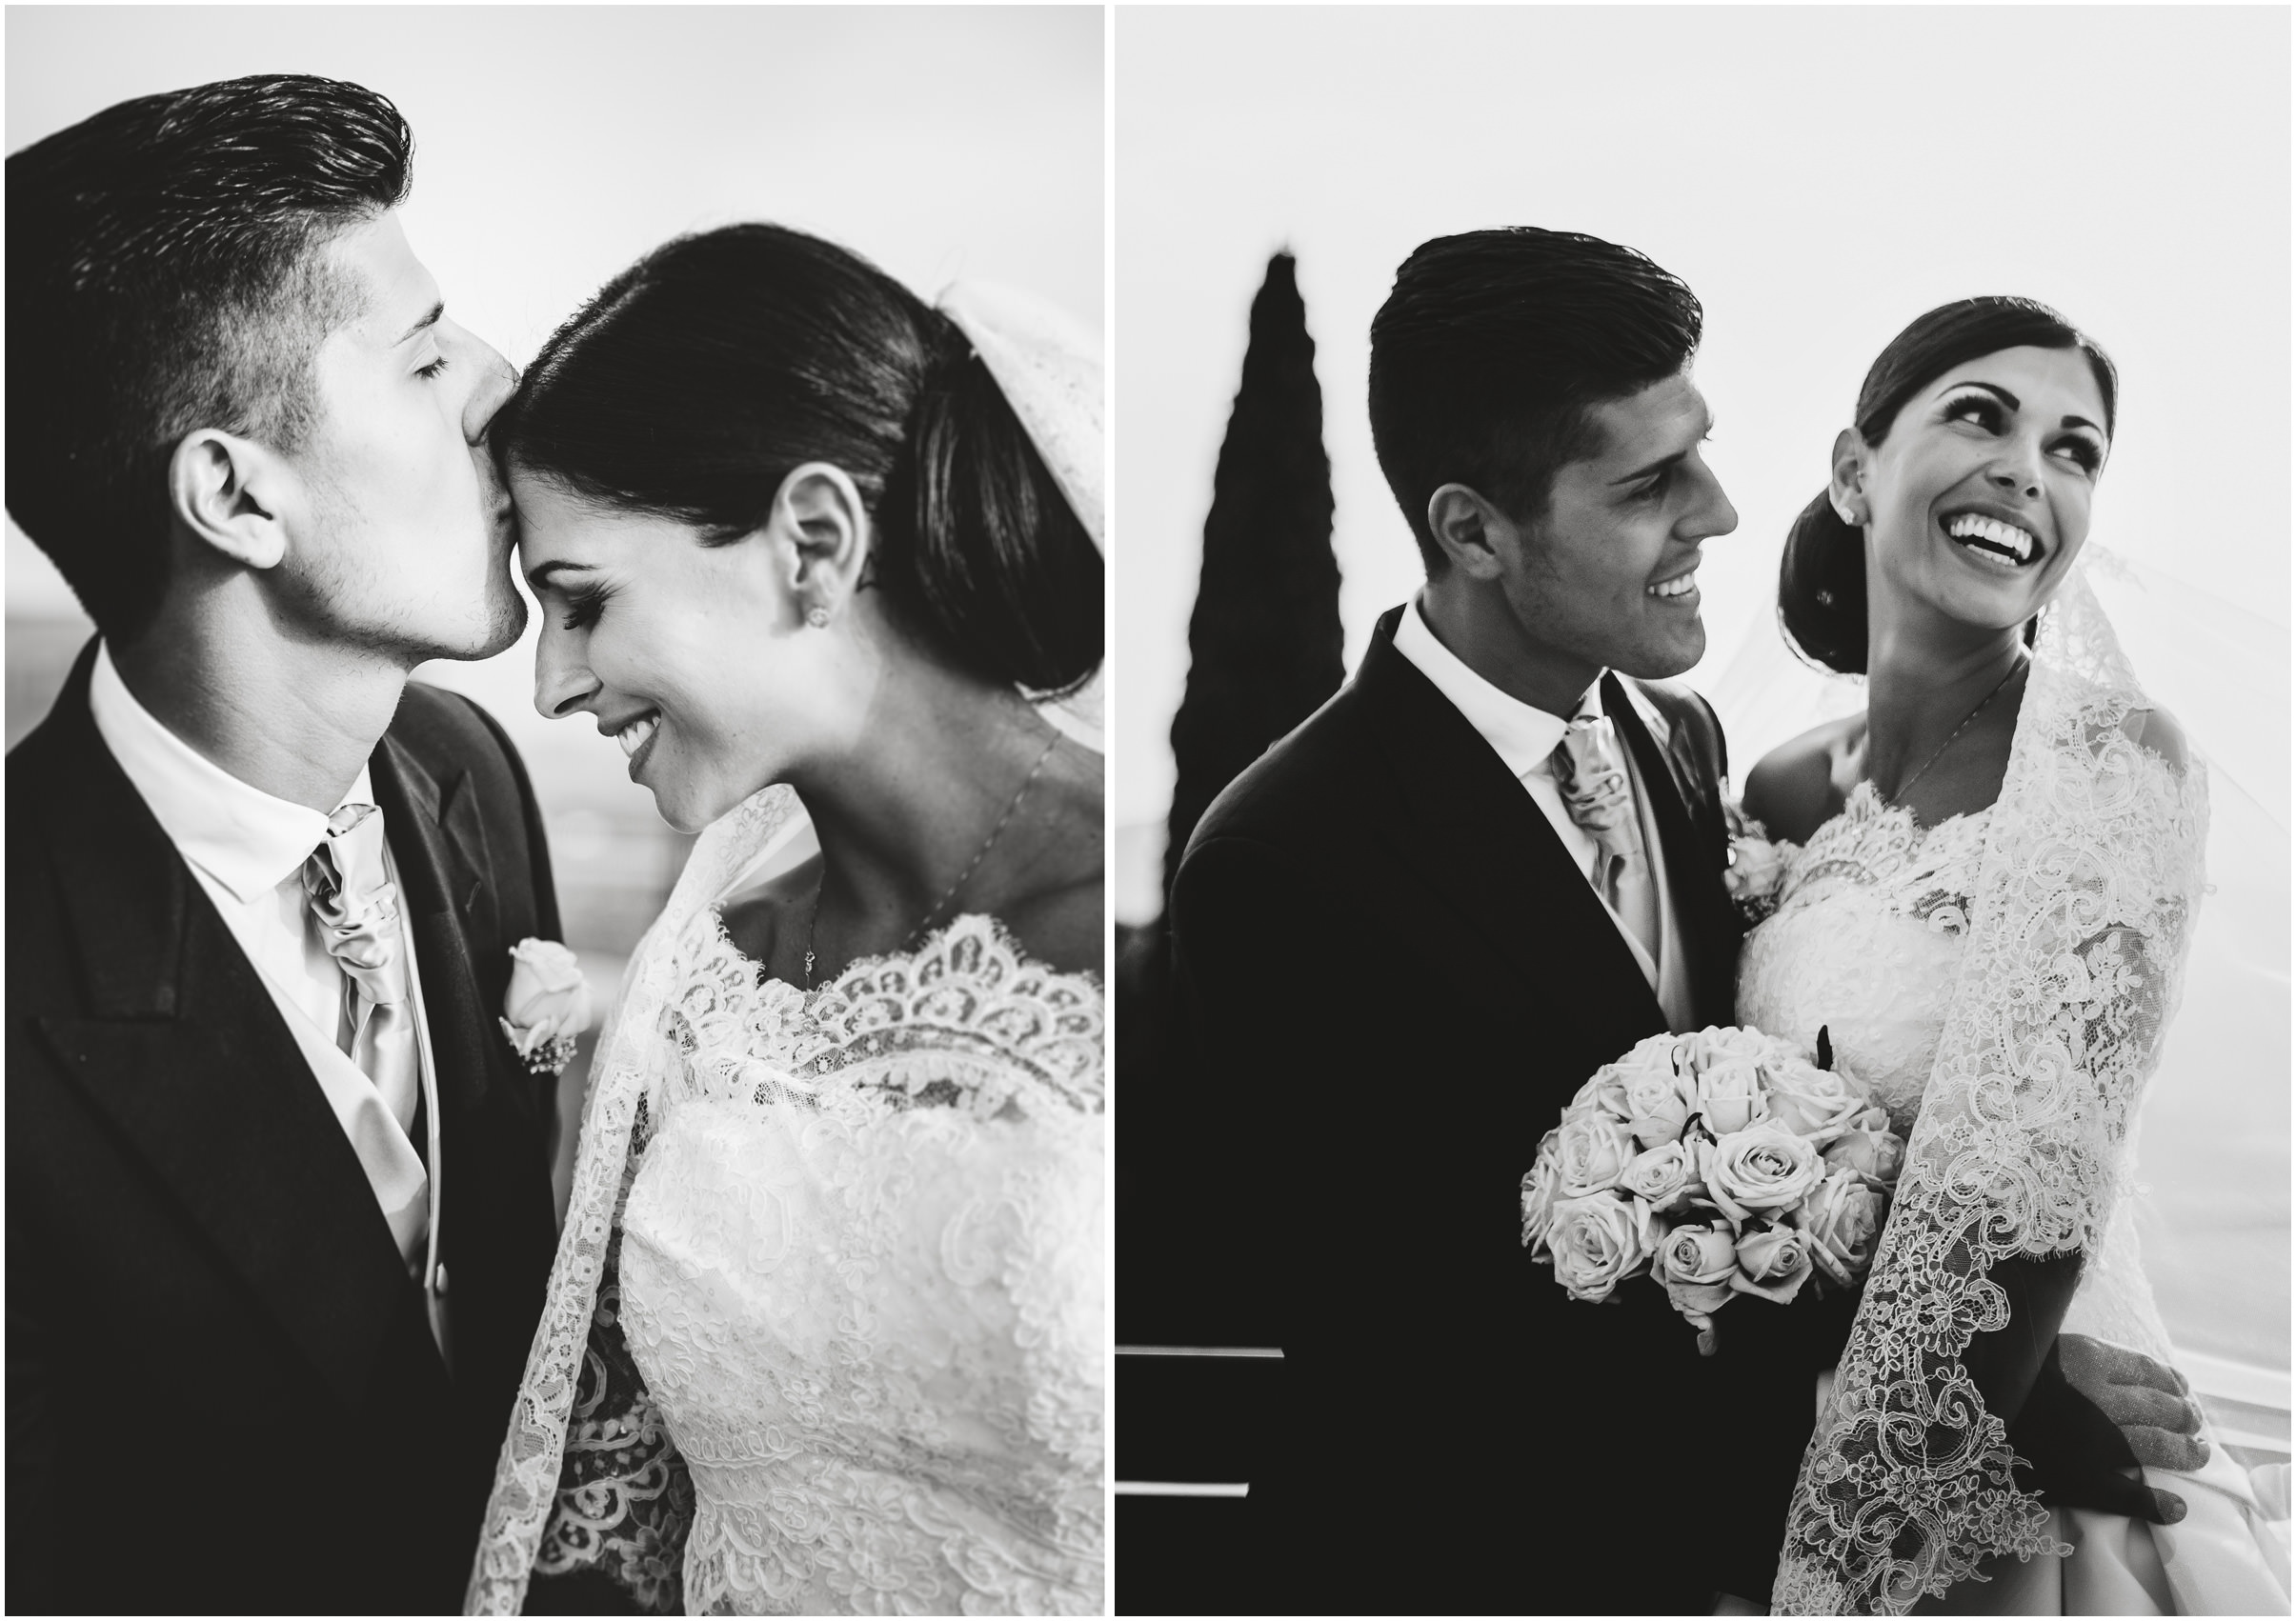 WEDDING-PHOTOGRAPHY-SARA-LORENZONI-FOTOGRAFIA-MATRIMONIO-AREZZO-TUSCANY-EVENTO-LE-SPOSE-DI-GIANNI-ELISA-LUCA045